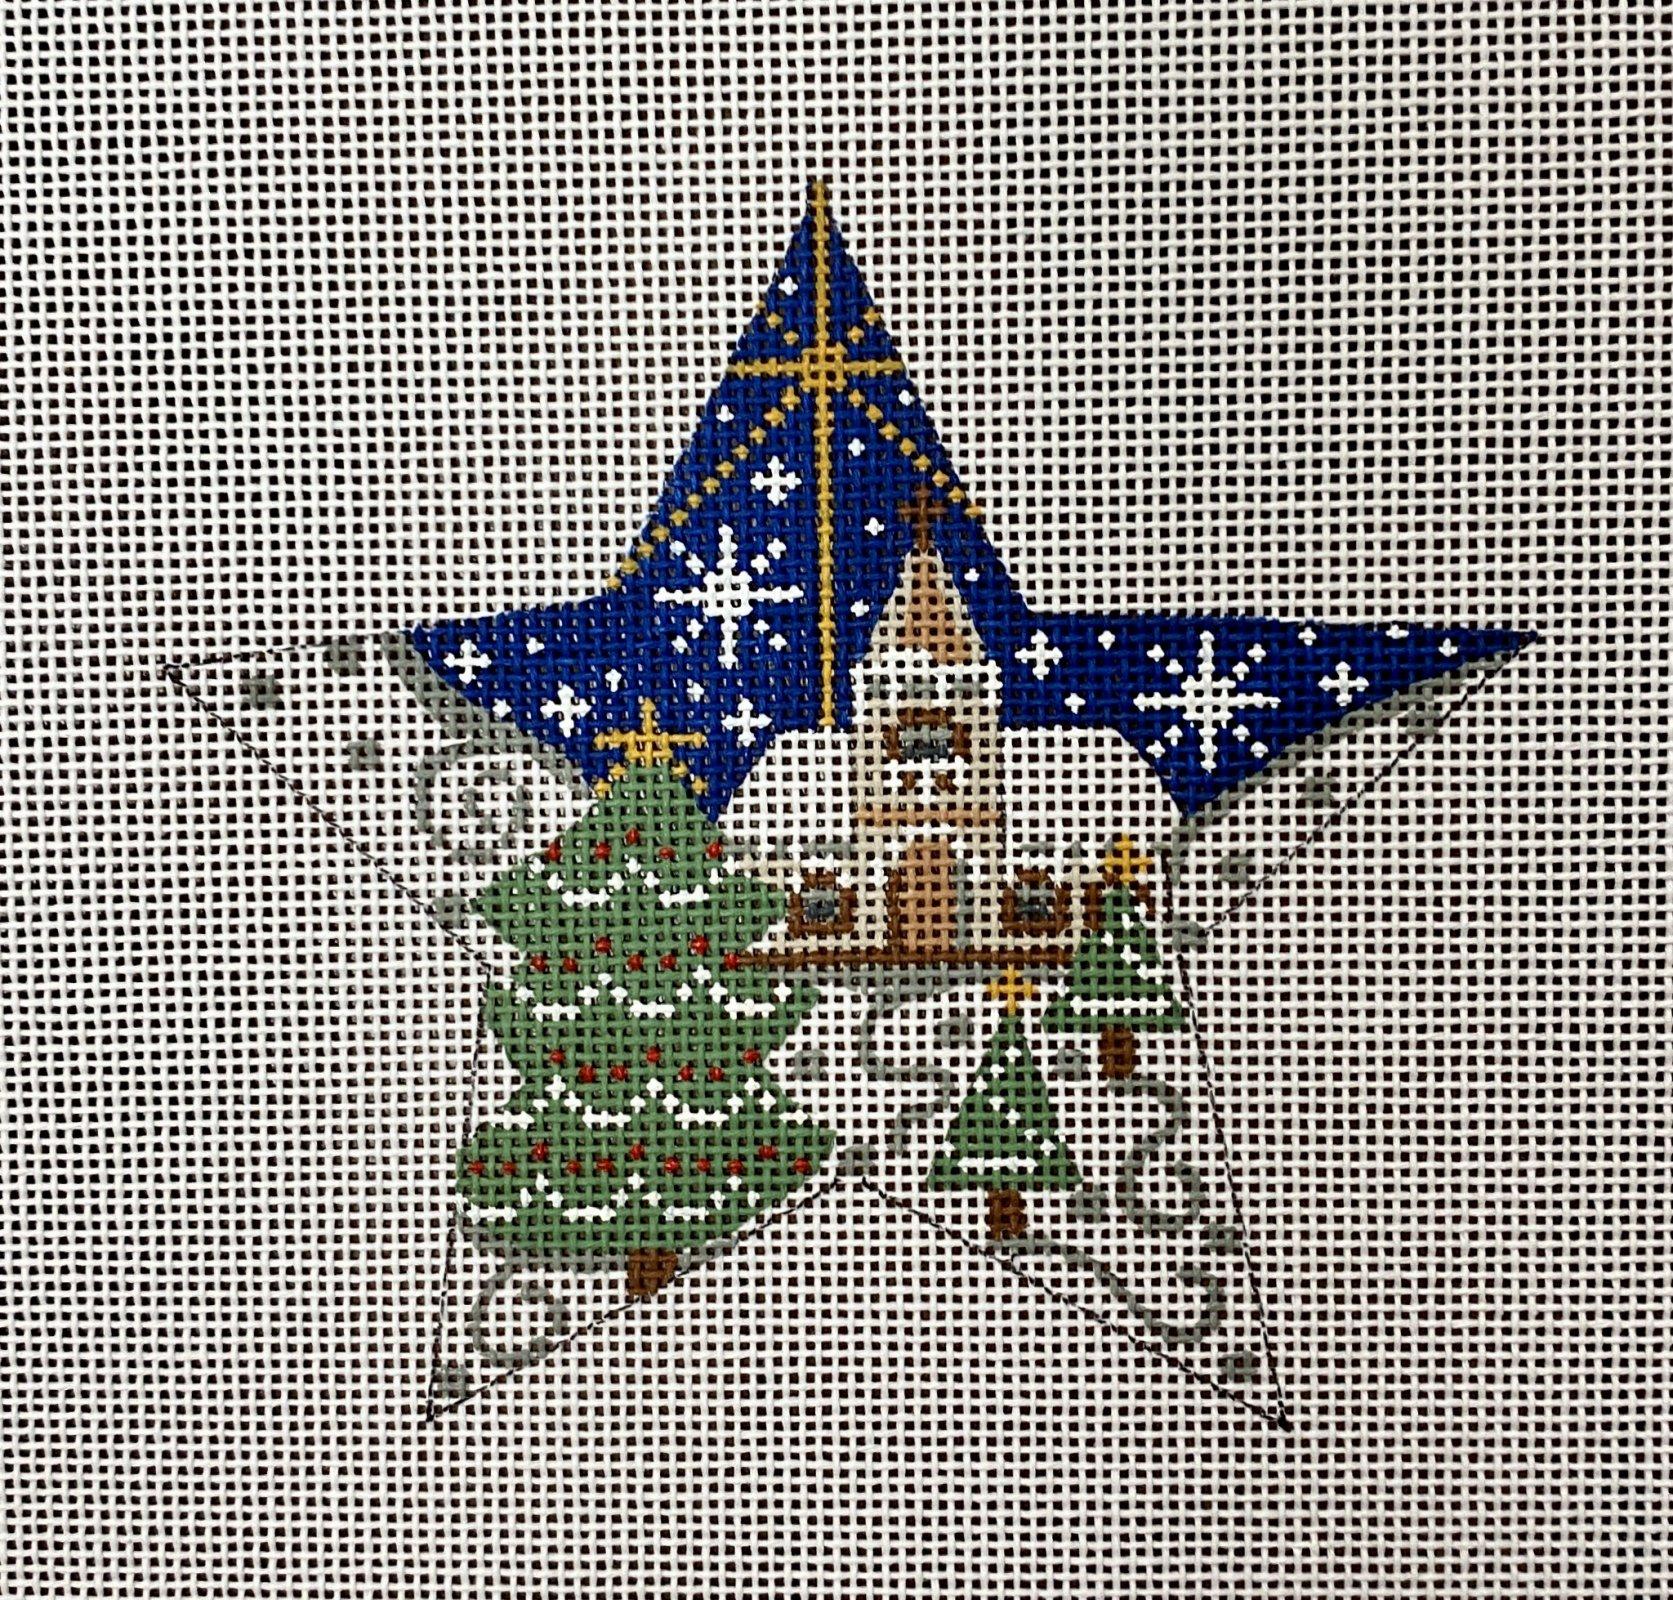 church star